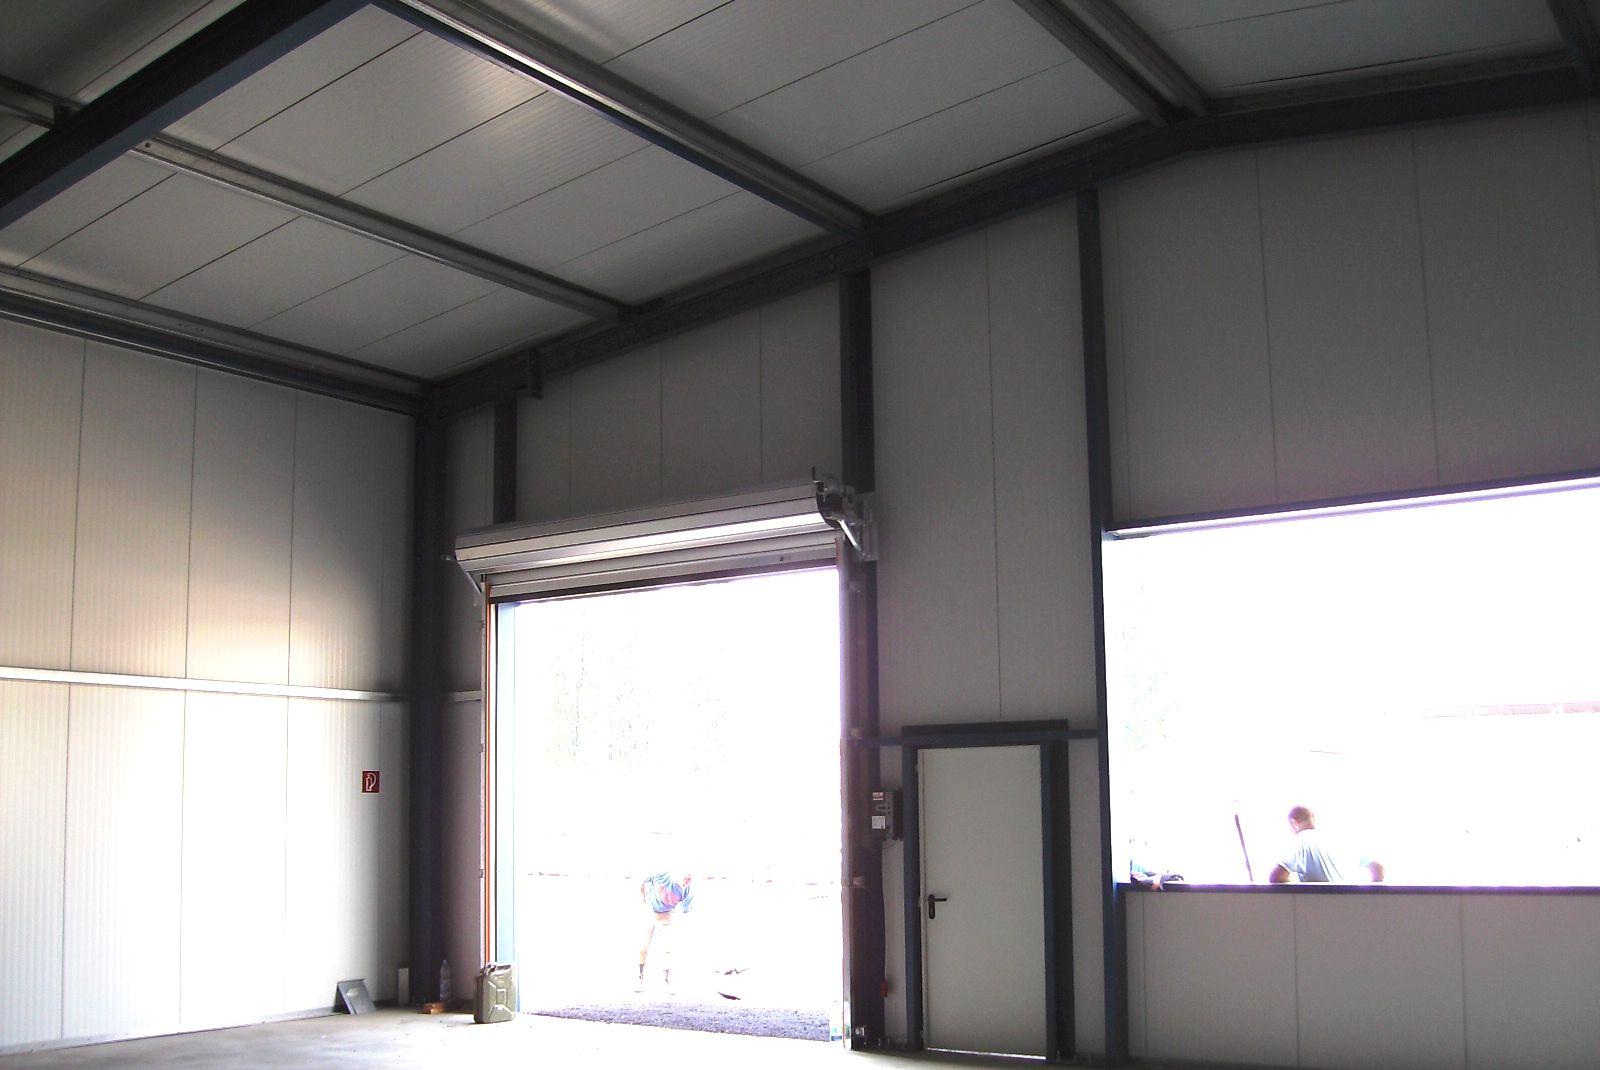 Dach- und Wandverkleidung mit Stahlpaneelen Innenansicht